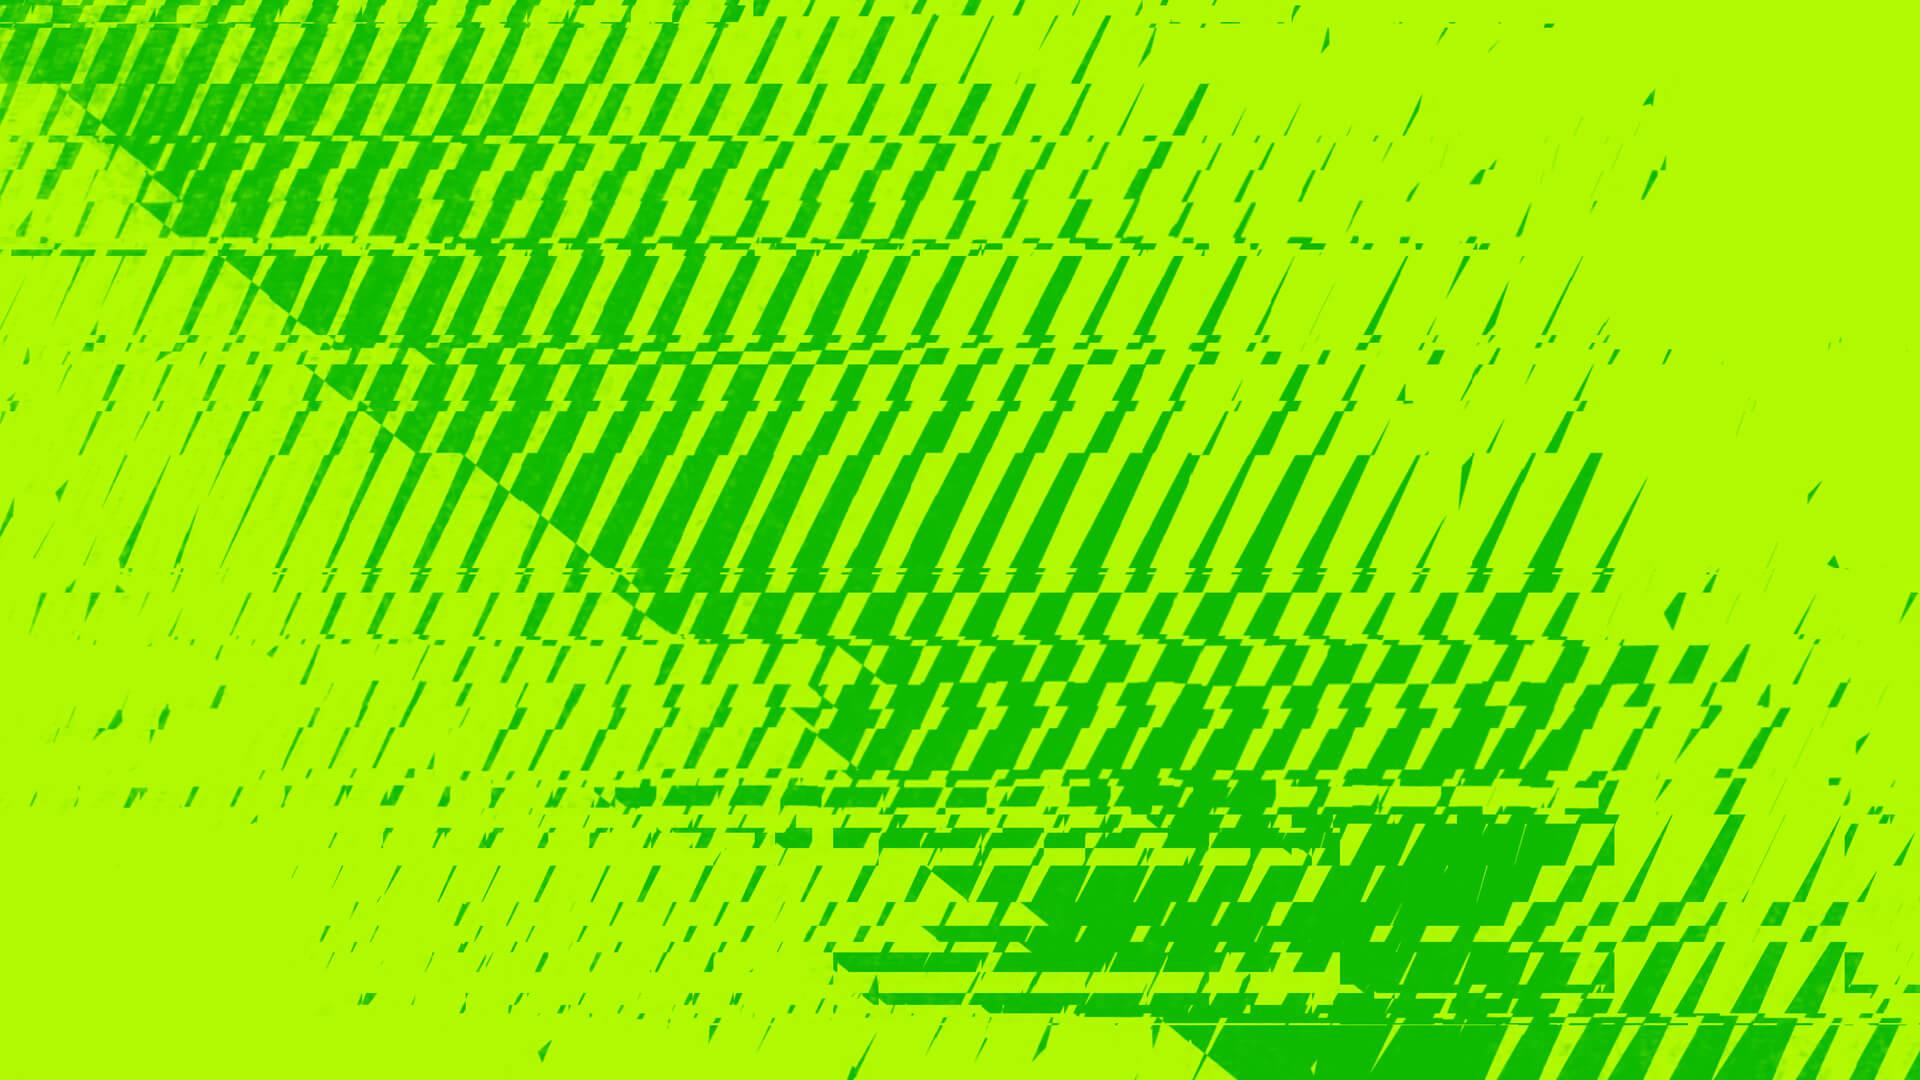 02-texture